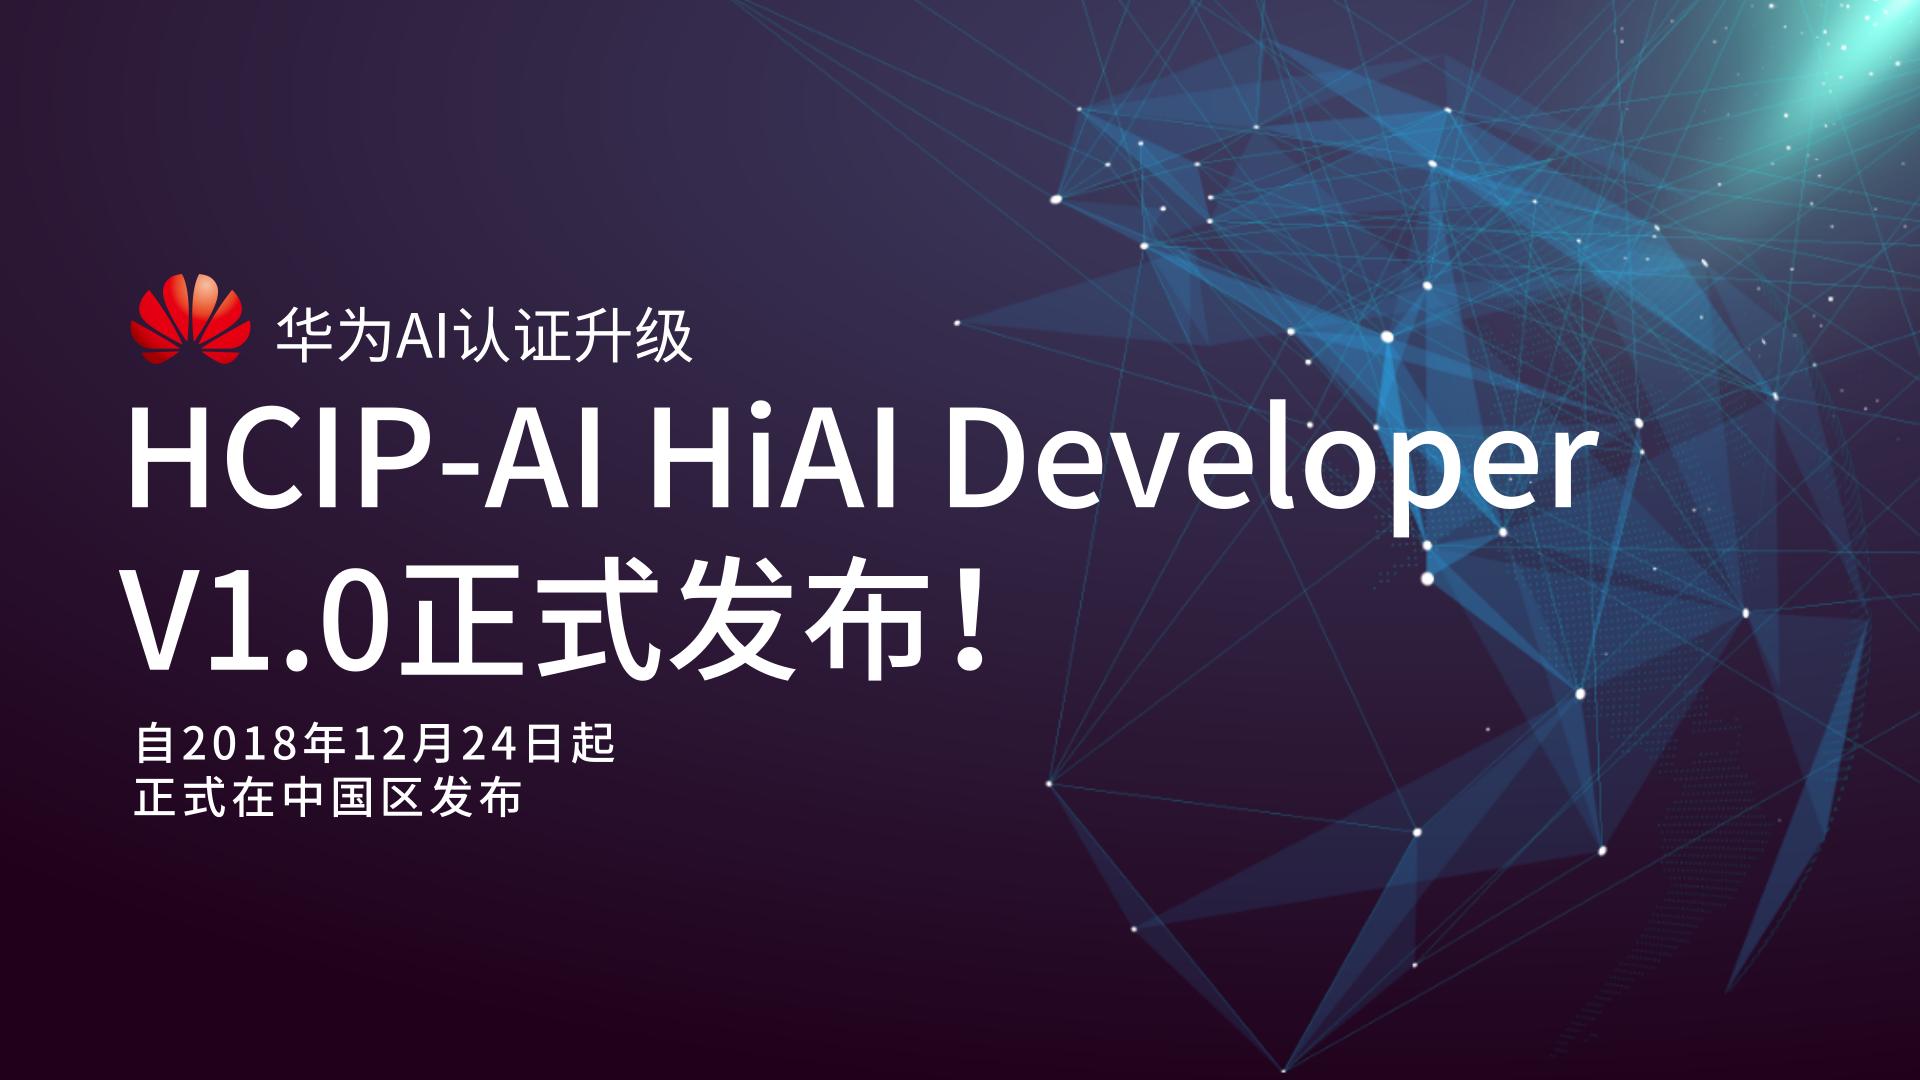 华为AI认证升级,HCIP-AI HiAI ...